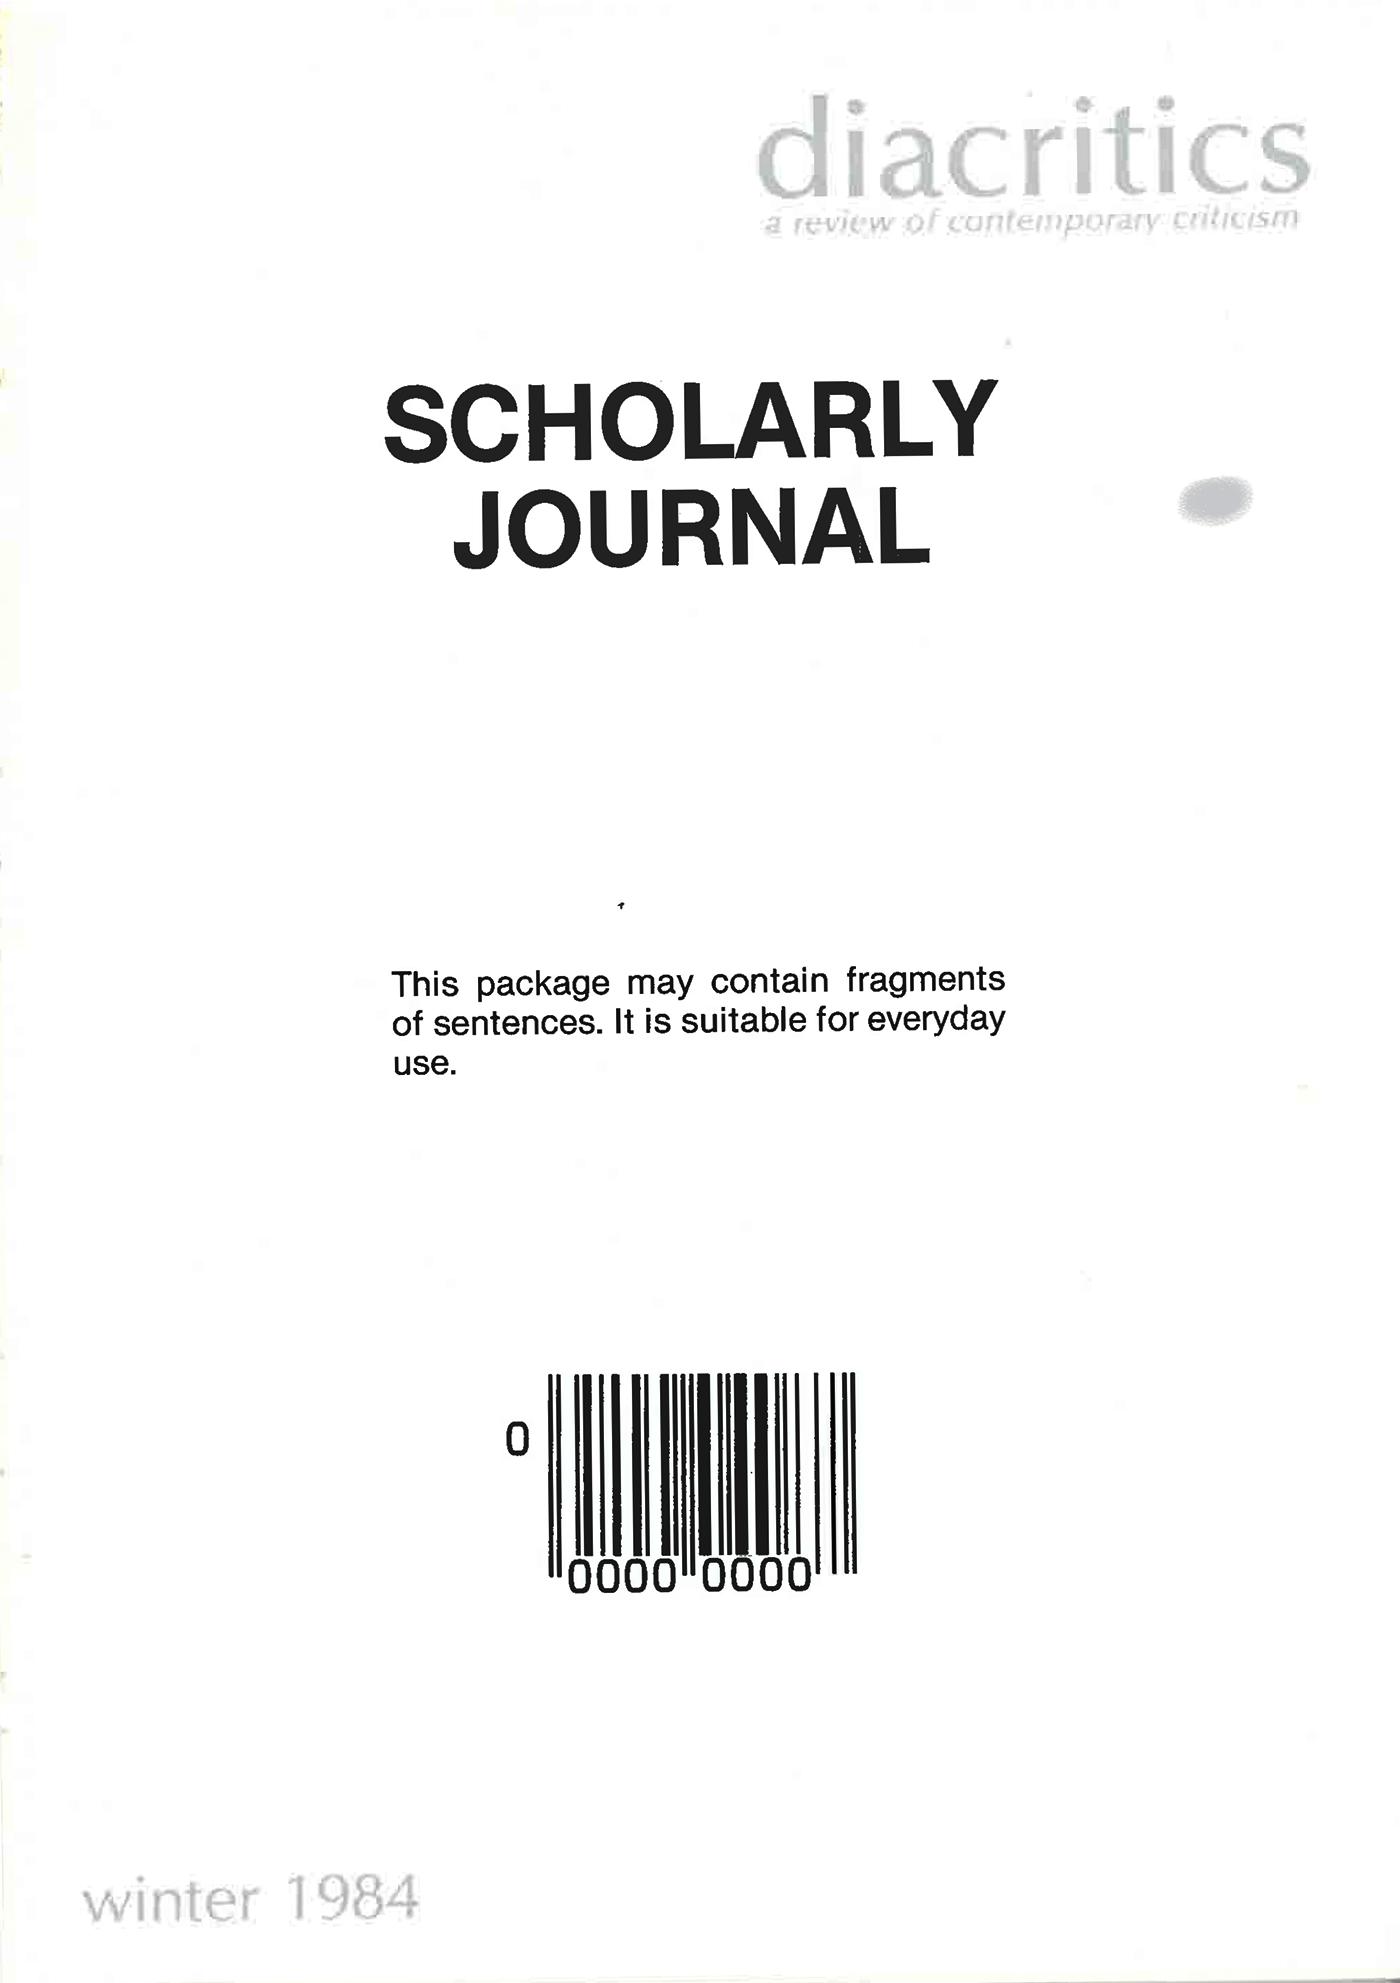 DIACRITICS VOLUME 14 NUMBER 4 1984